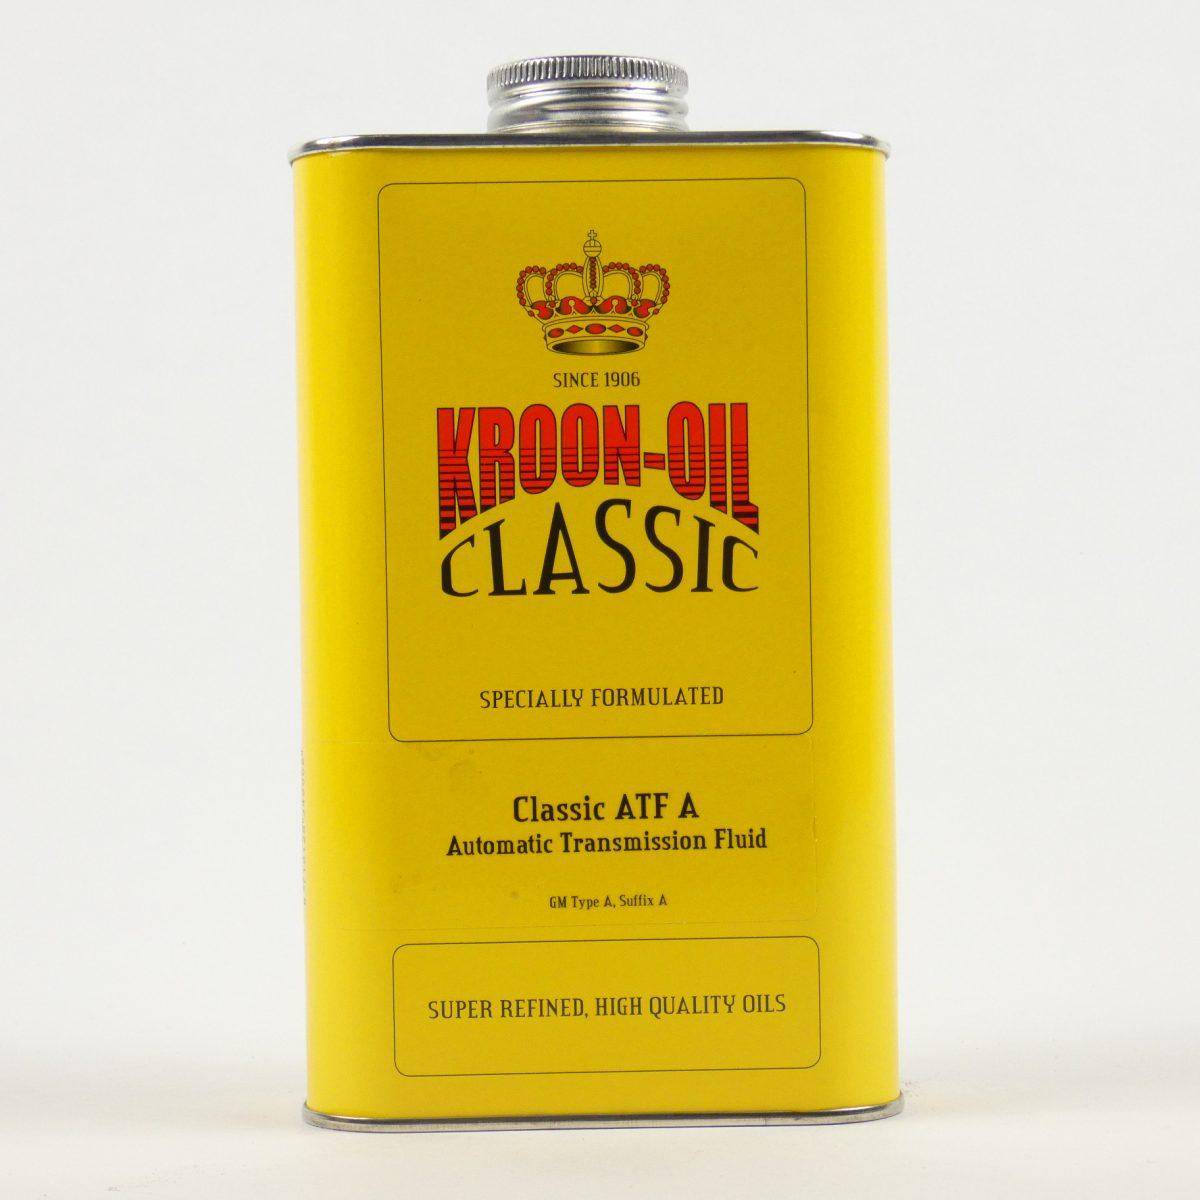 Kroon-Oil Oosterwolde Drachten